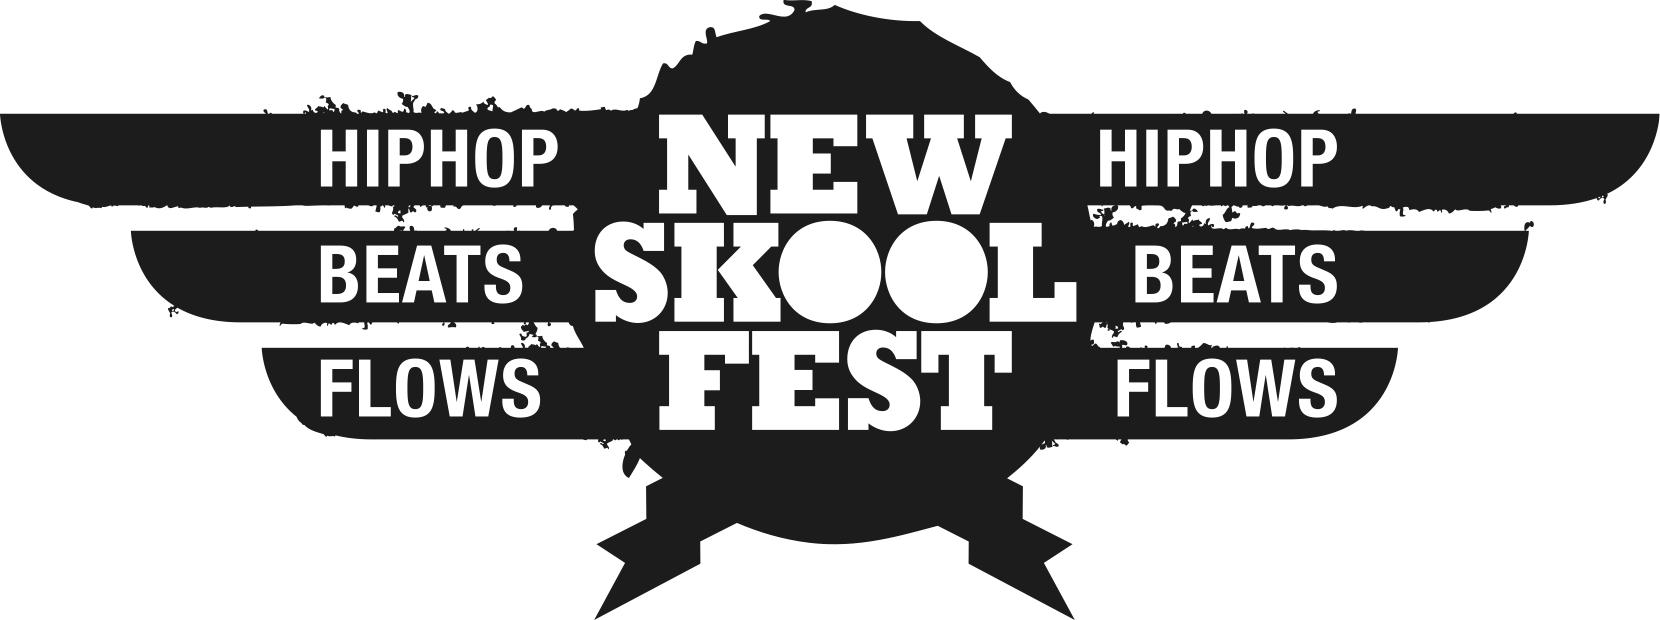 New Skool Fest